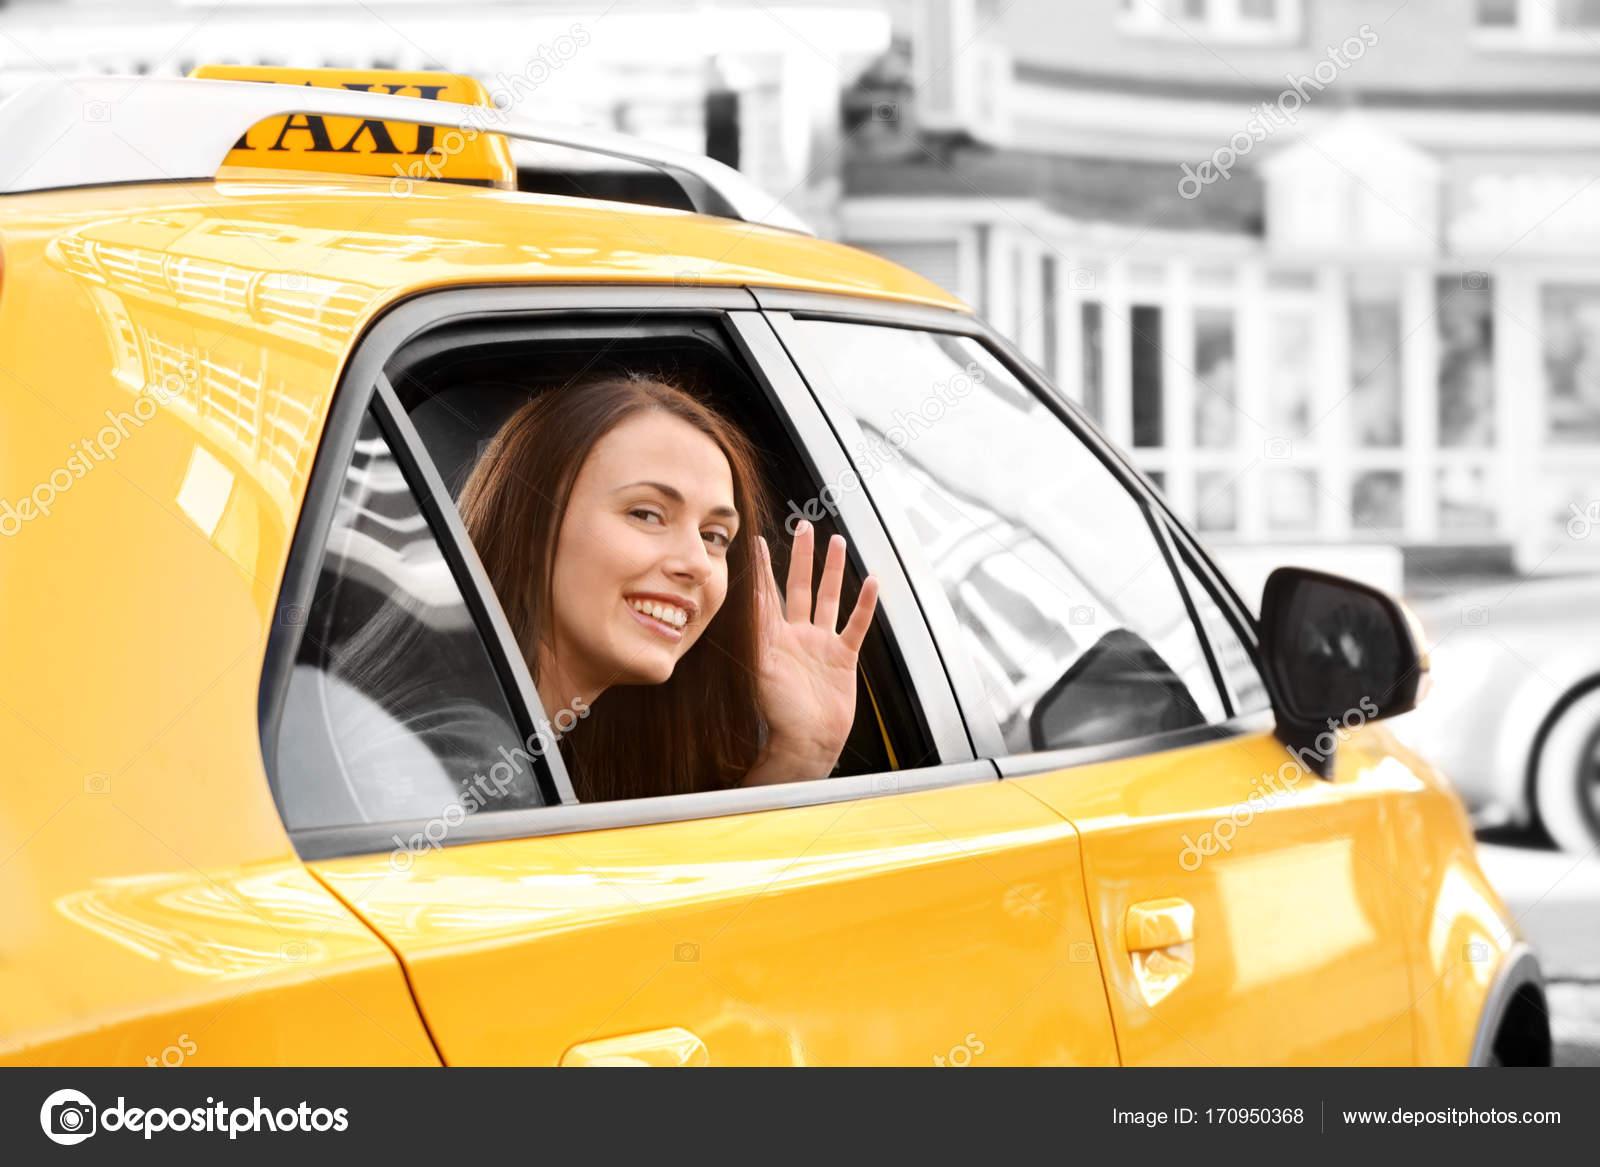 Читинка, не дождавшись таксиста из магазина, угнала его машину и уехала домой